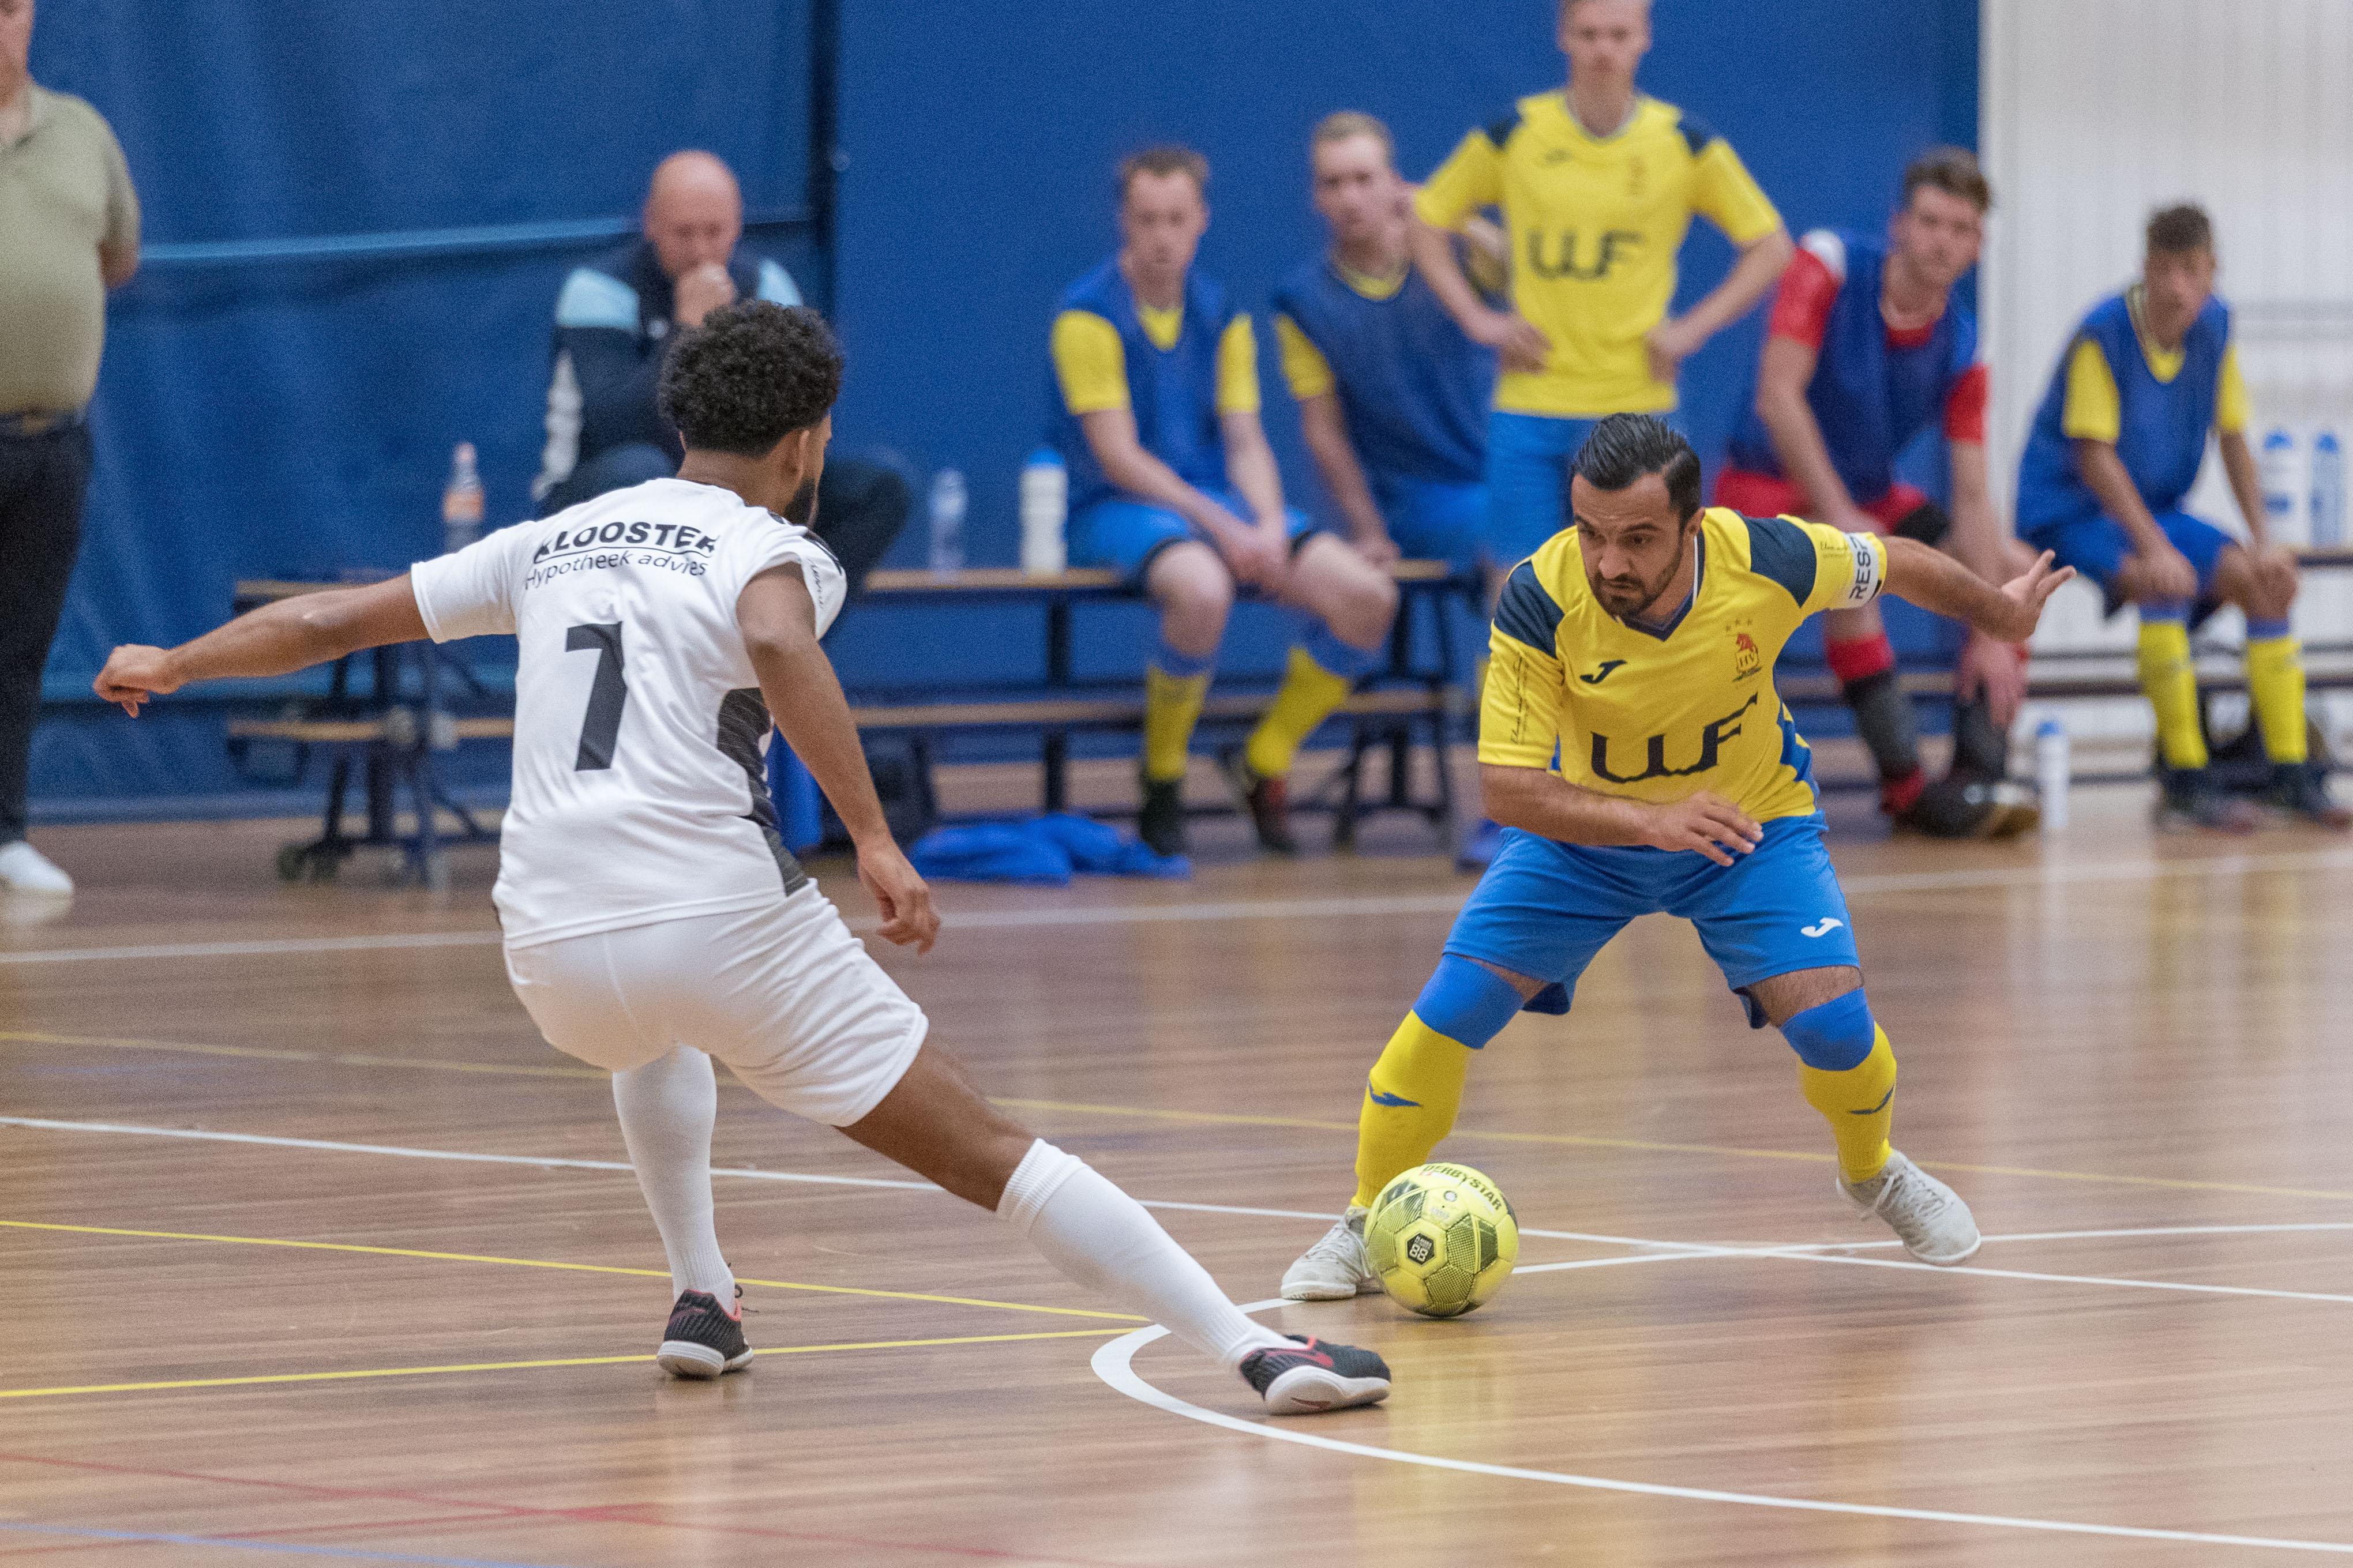 Eerste puntverlies voor vernieuwde zaalvoetbalploeg HV/Veerhuys door eigen goals